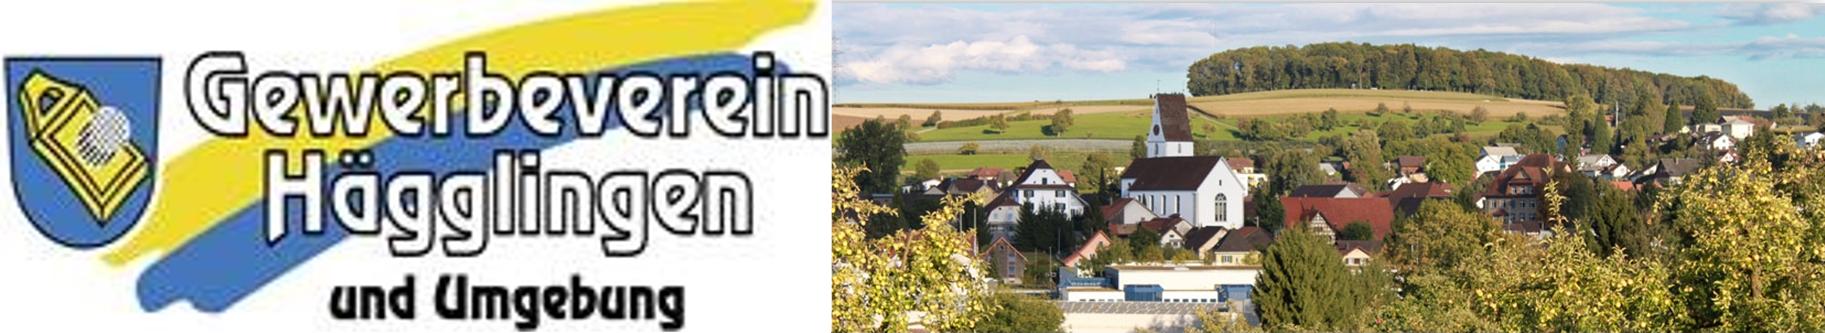 Gewerbeverein Hägglingen